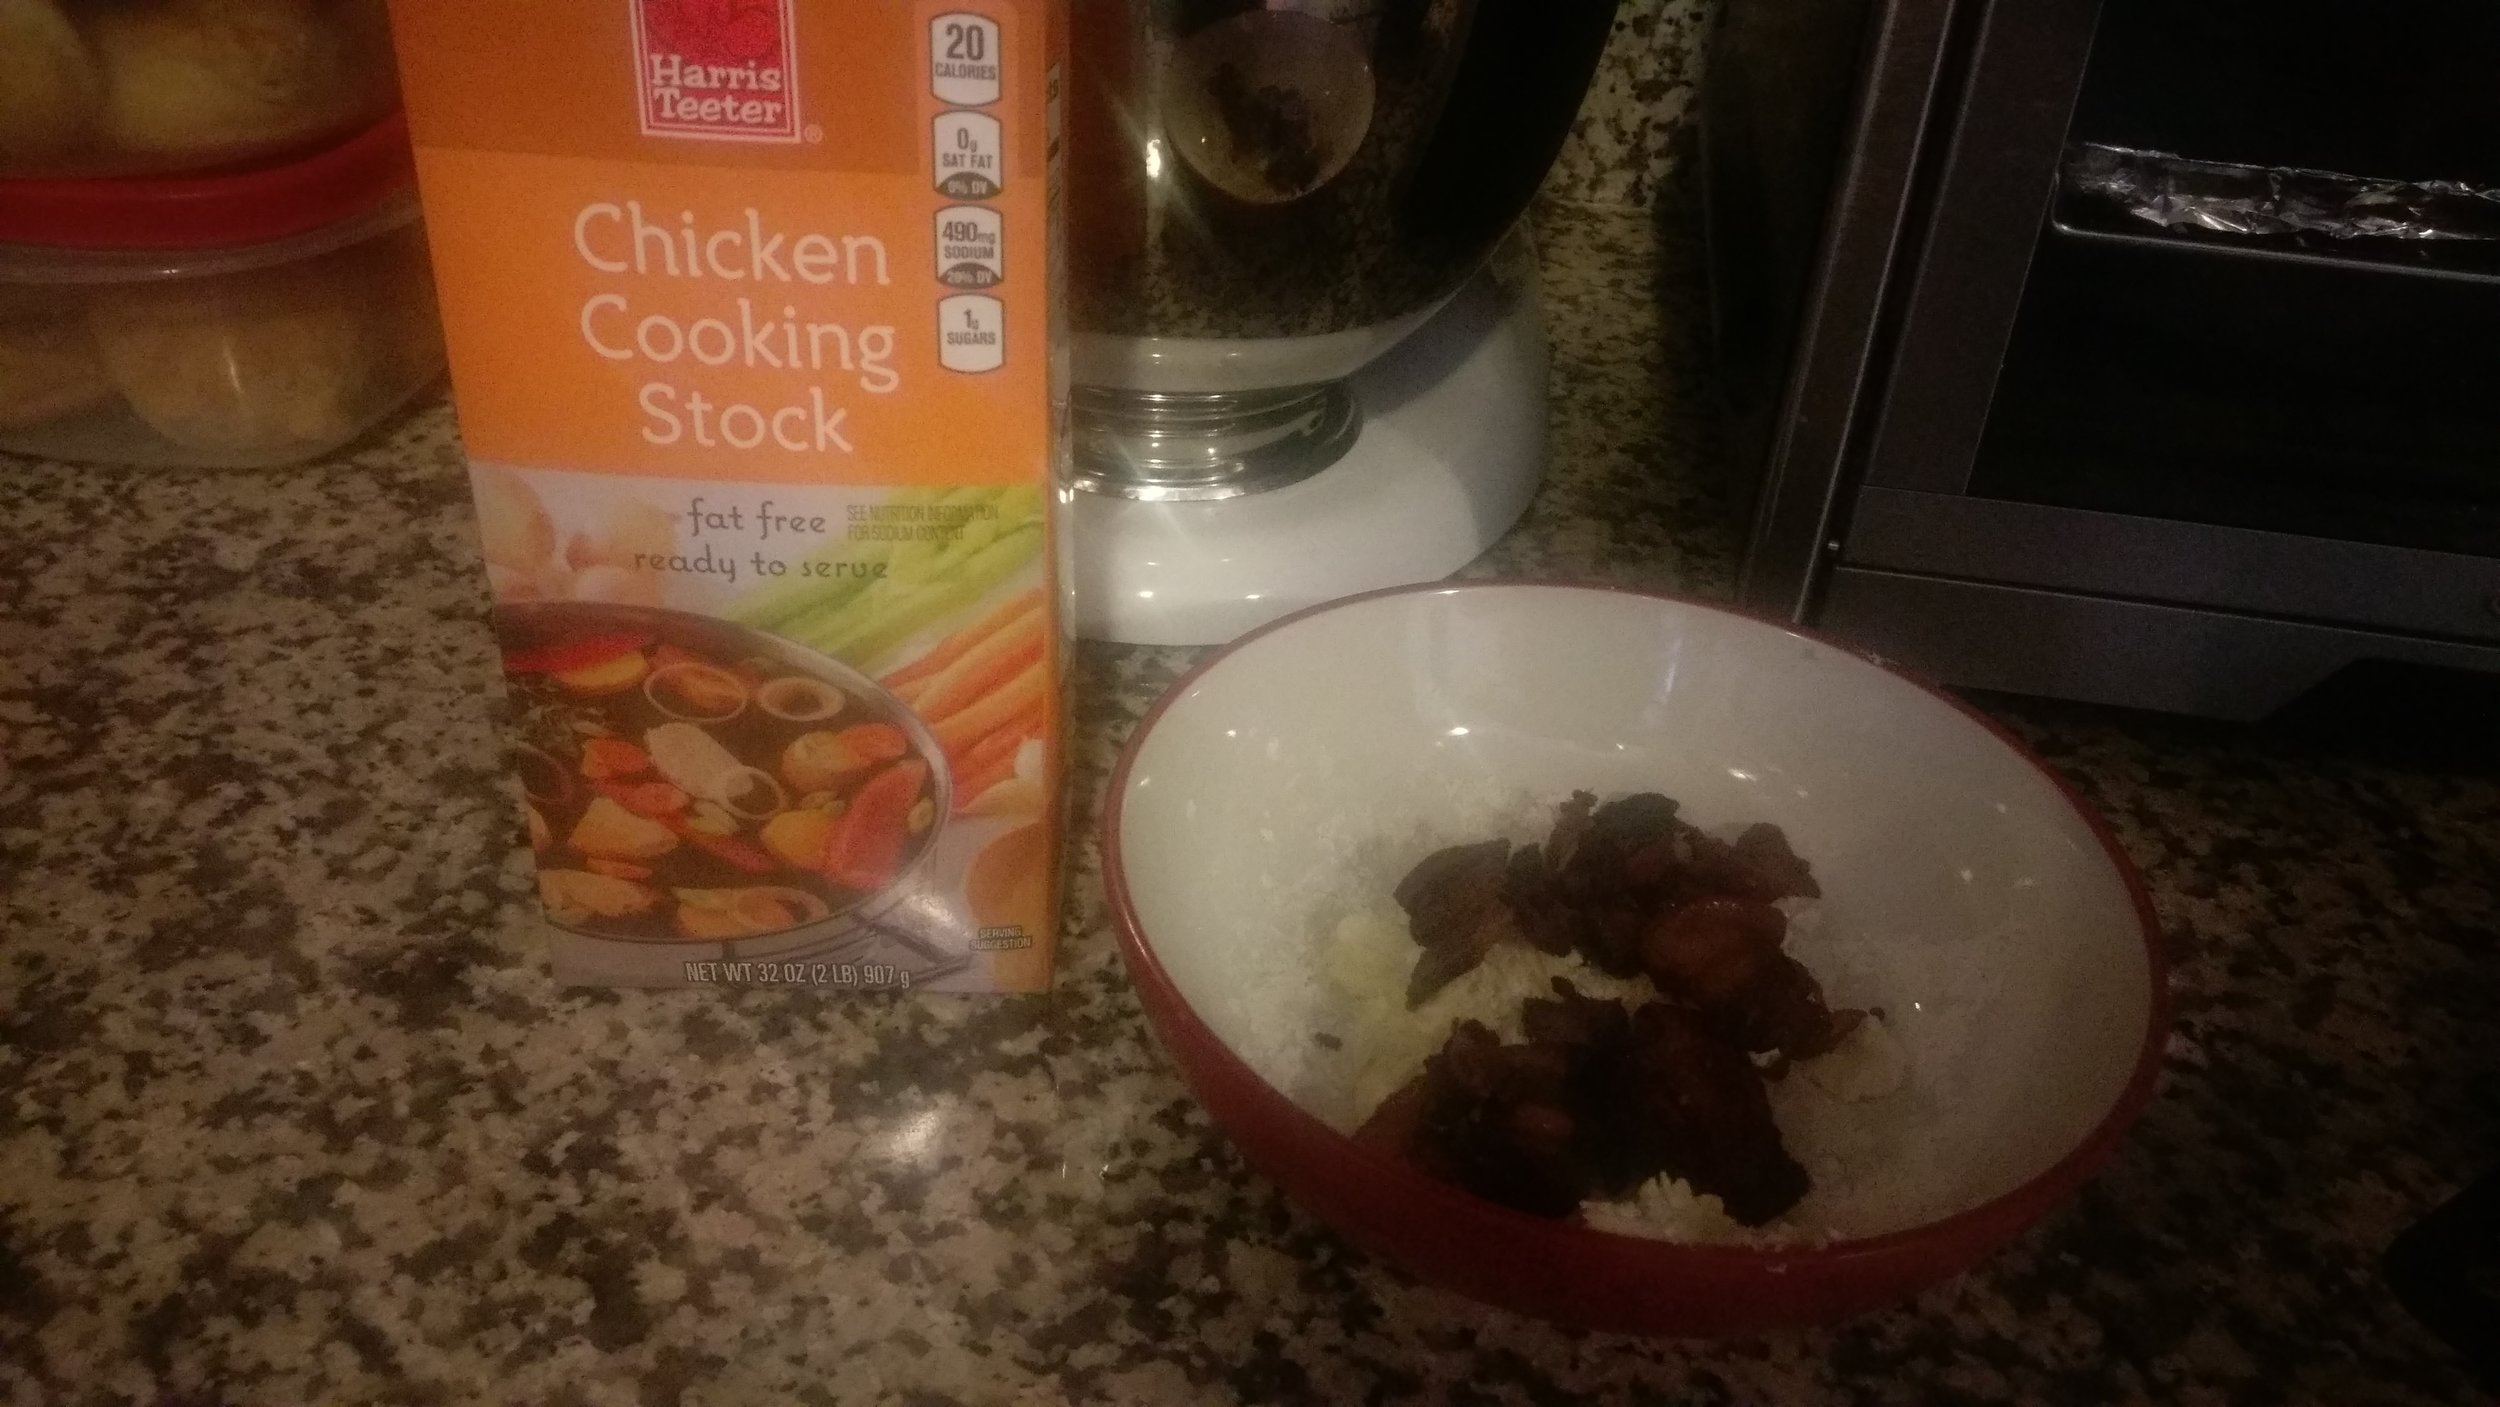 Gravy-making ingredients